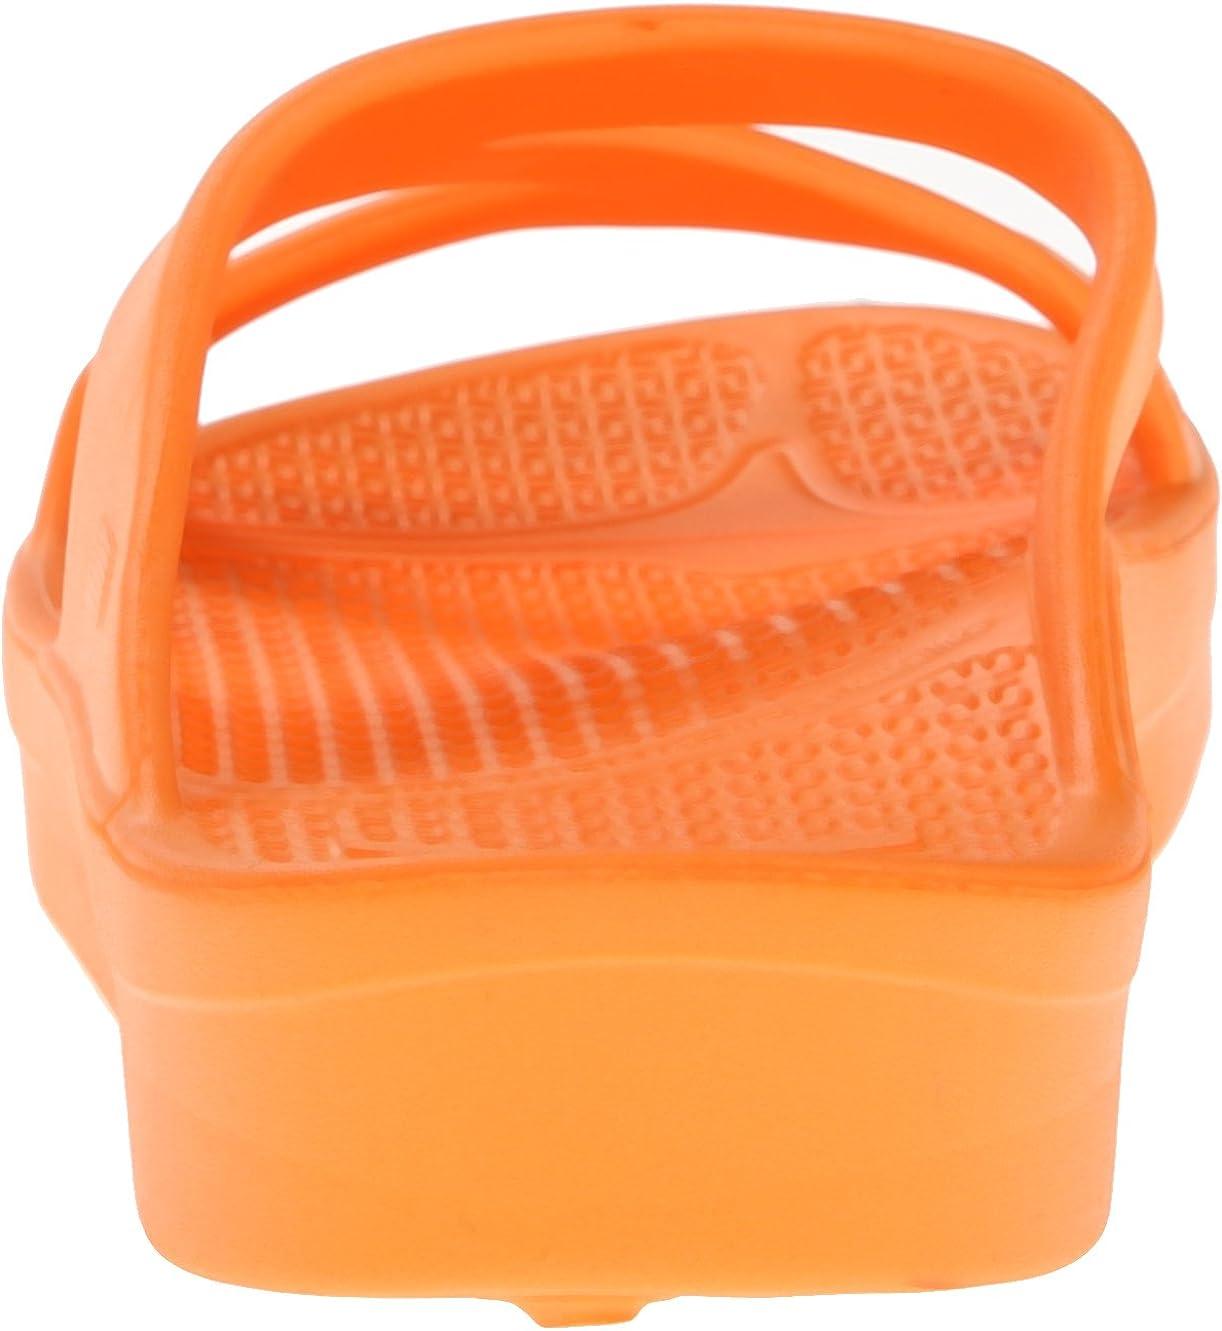 Comfort Sandals for Men and Women Telic Energy Flip Flop